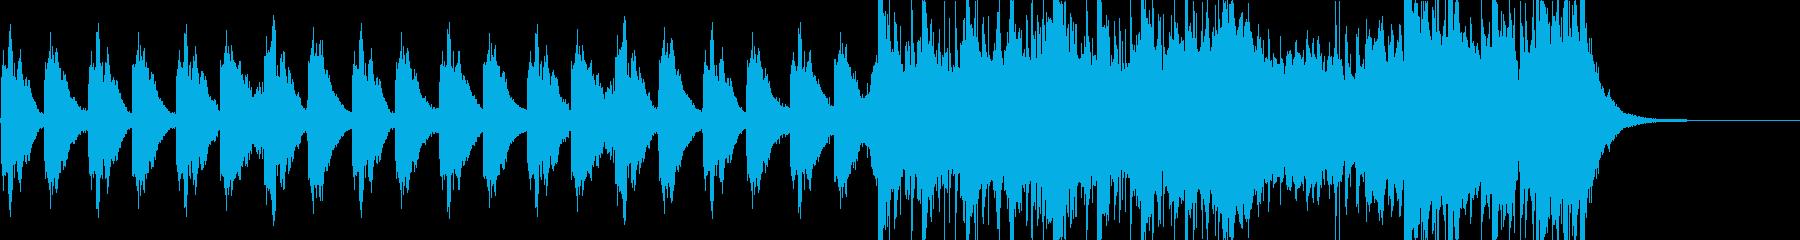 OPのような始まりを感じるオーケストラの再生済みの波形